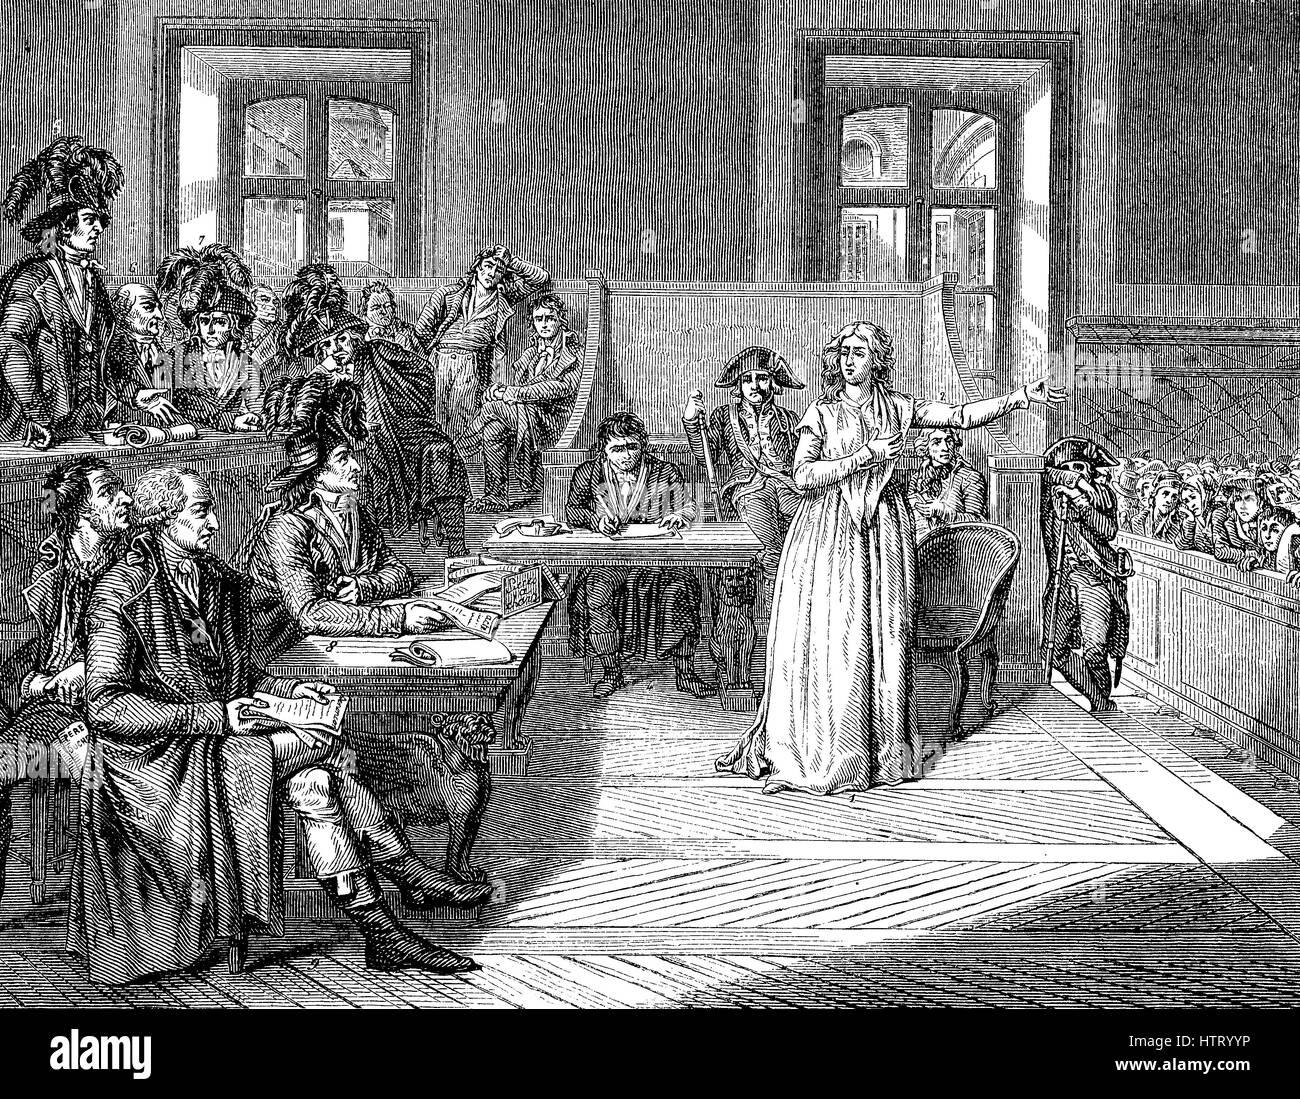 French Revolution Stockfotos & French Revolution Bilder - Alamy